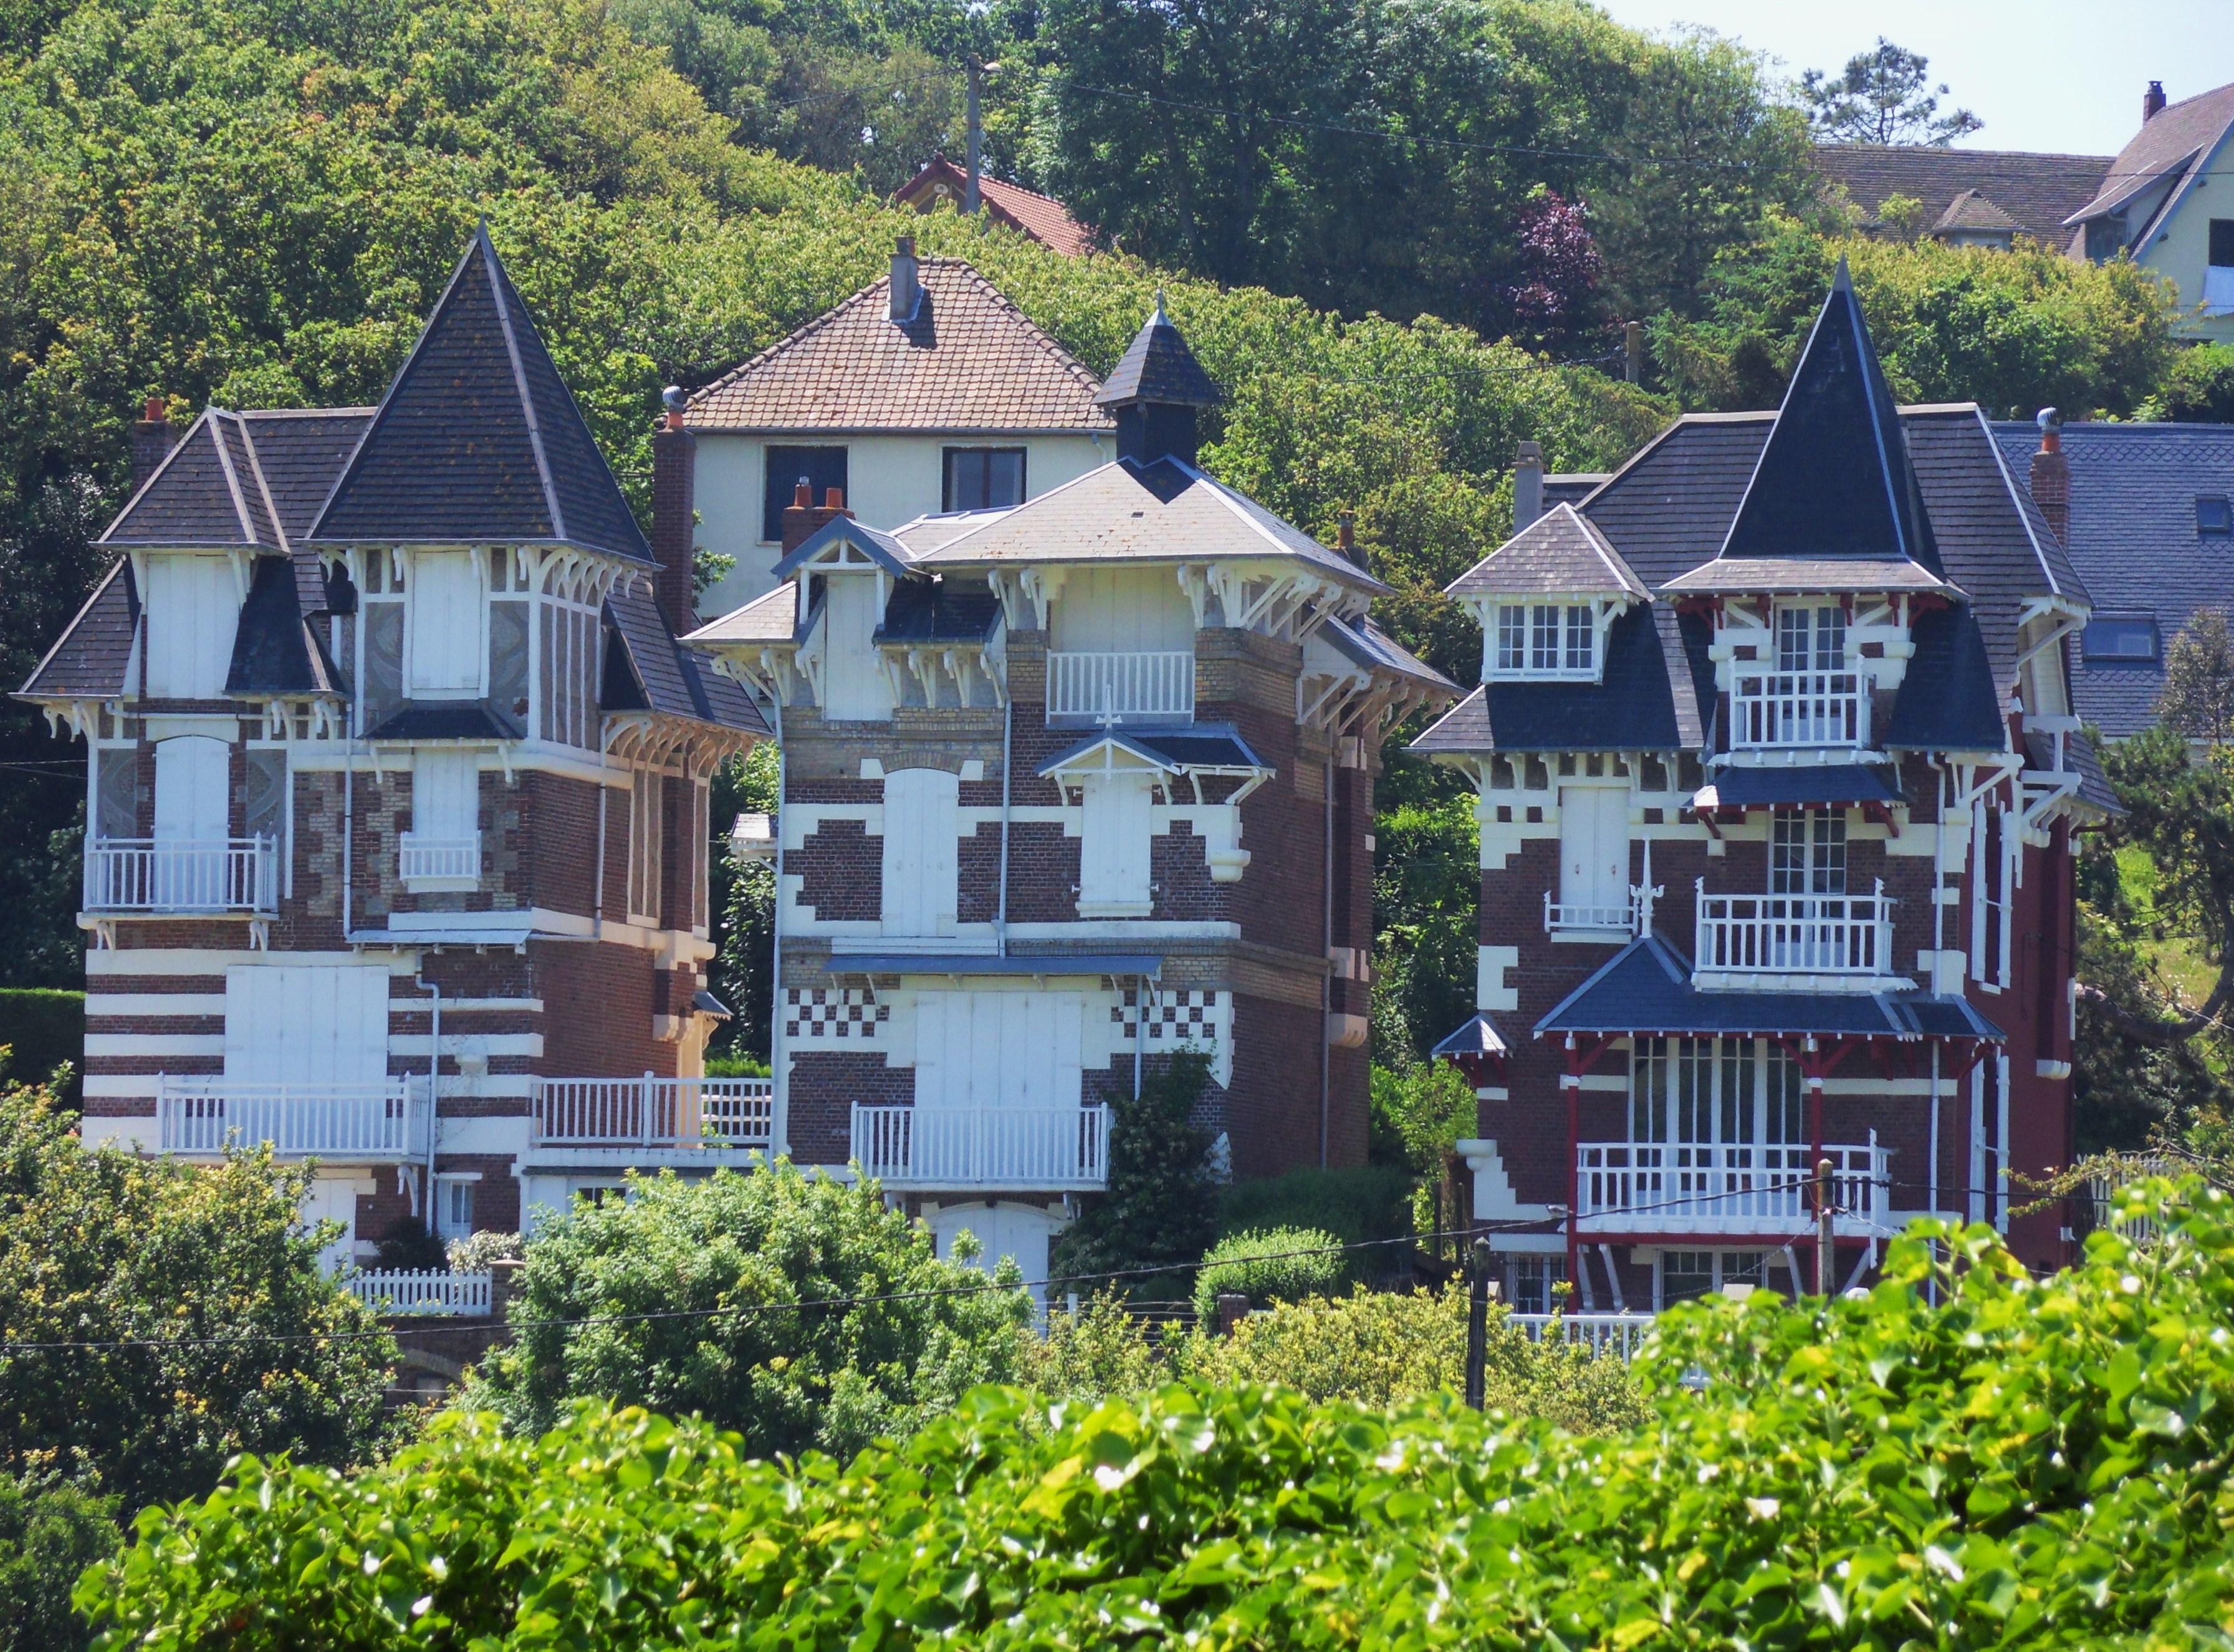 File Bois de Cise villas 2 jpg Wikimedia Commons # Bois De Cise Hotel